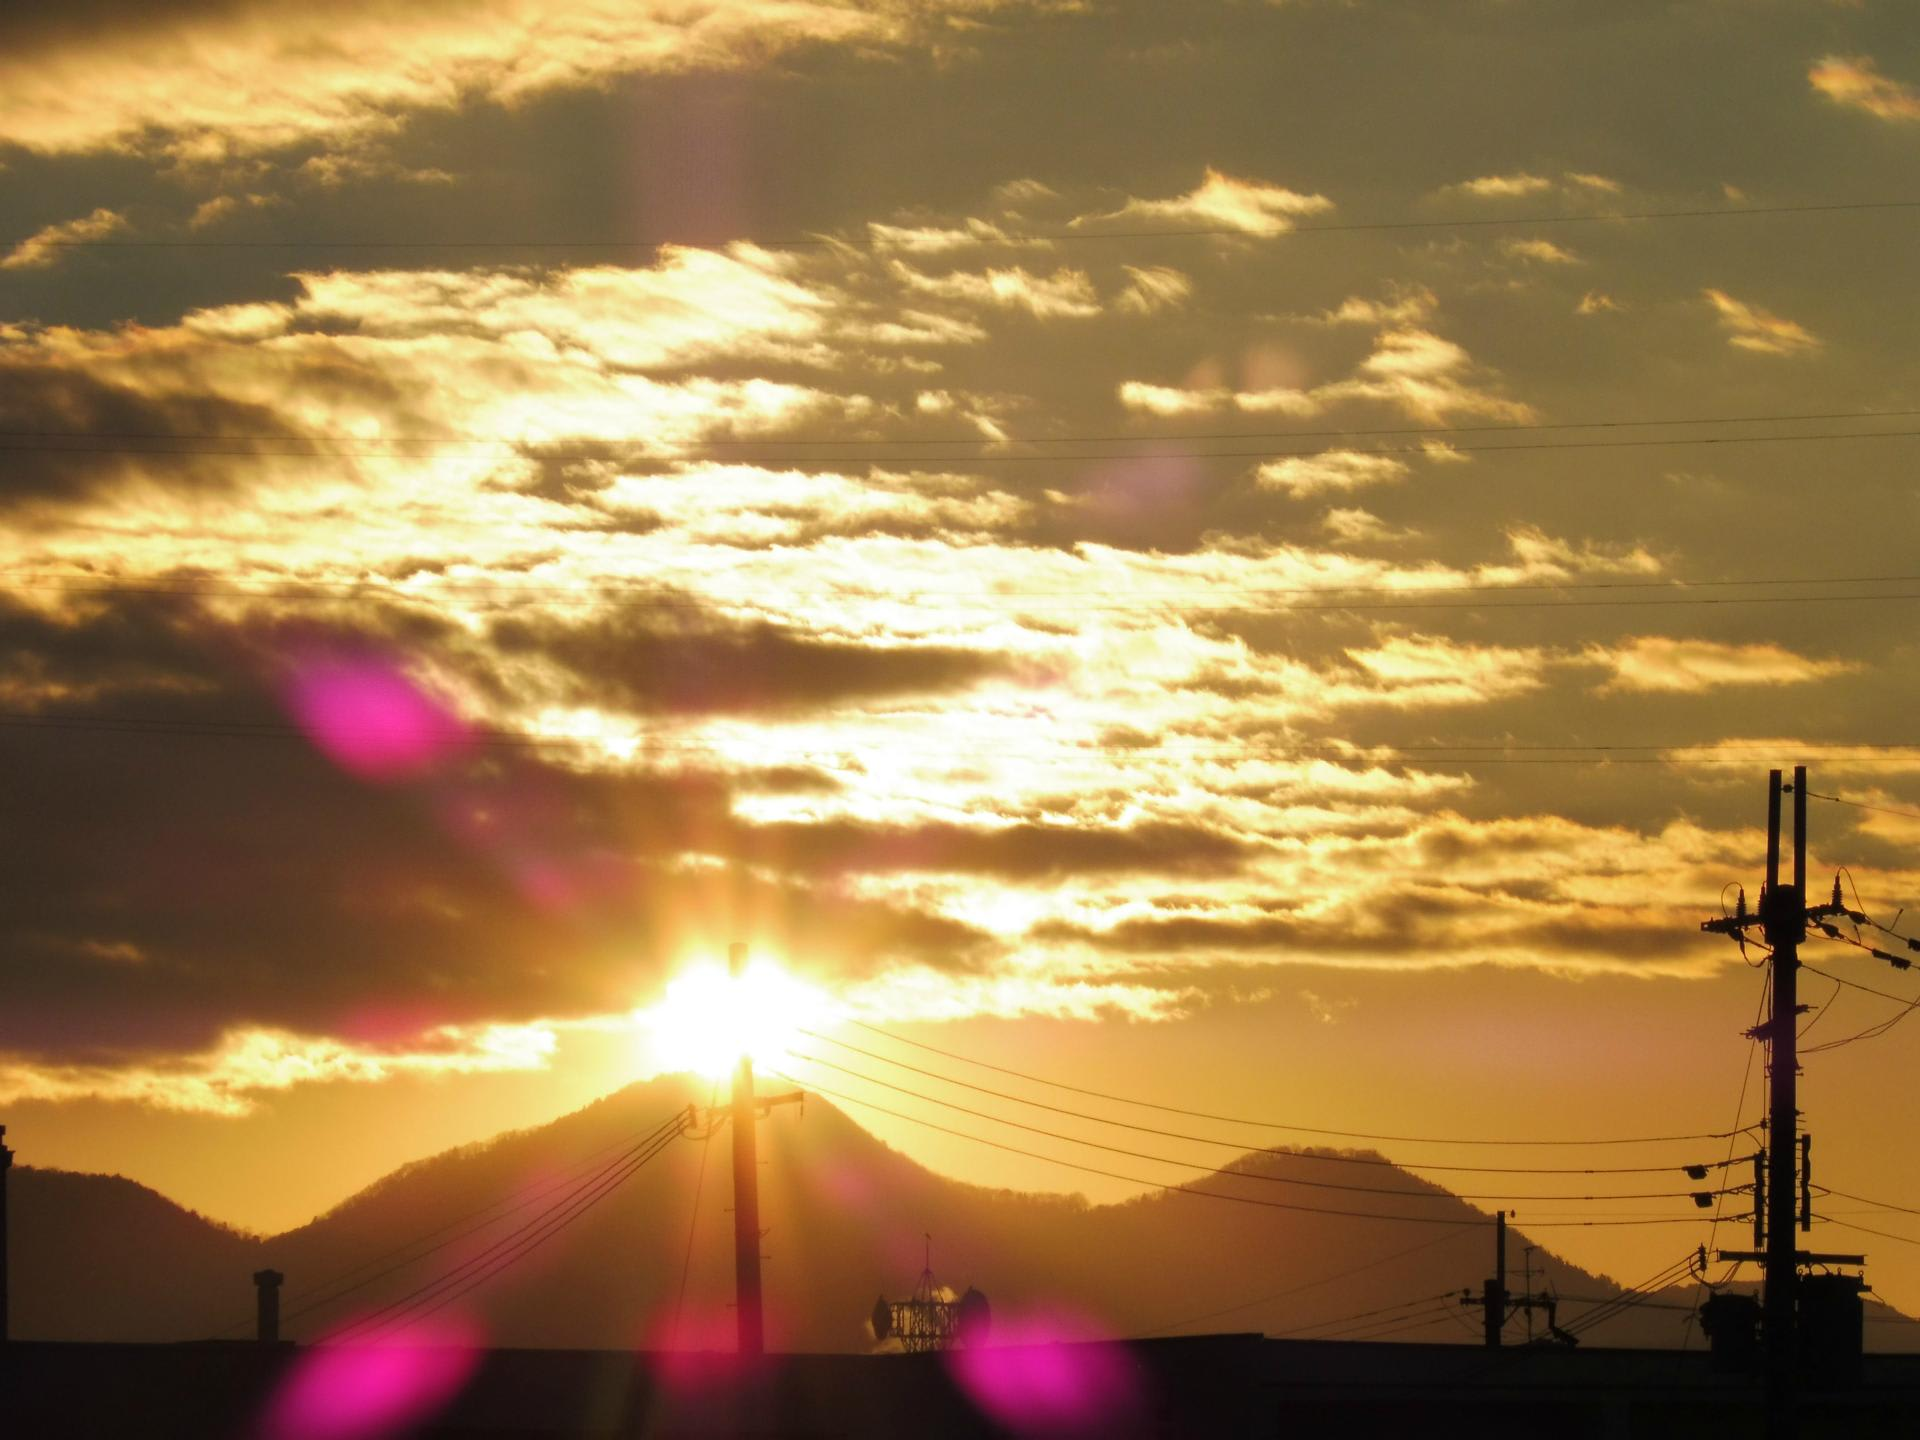 富田林百景+ 「とんだばやし」とその周辺の魅力を発信!